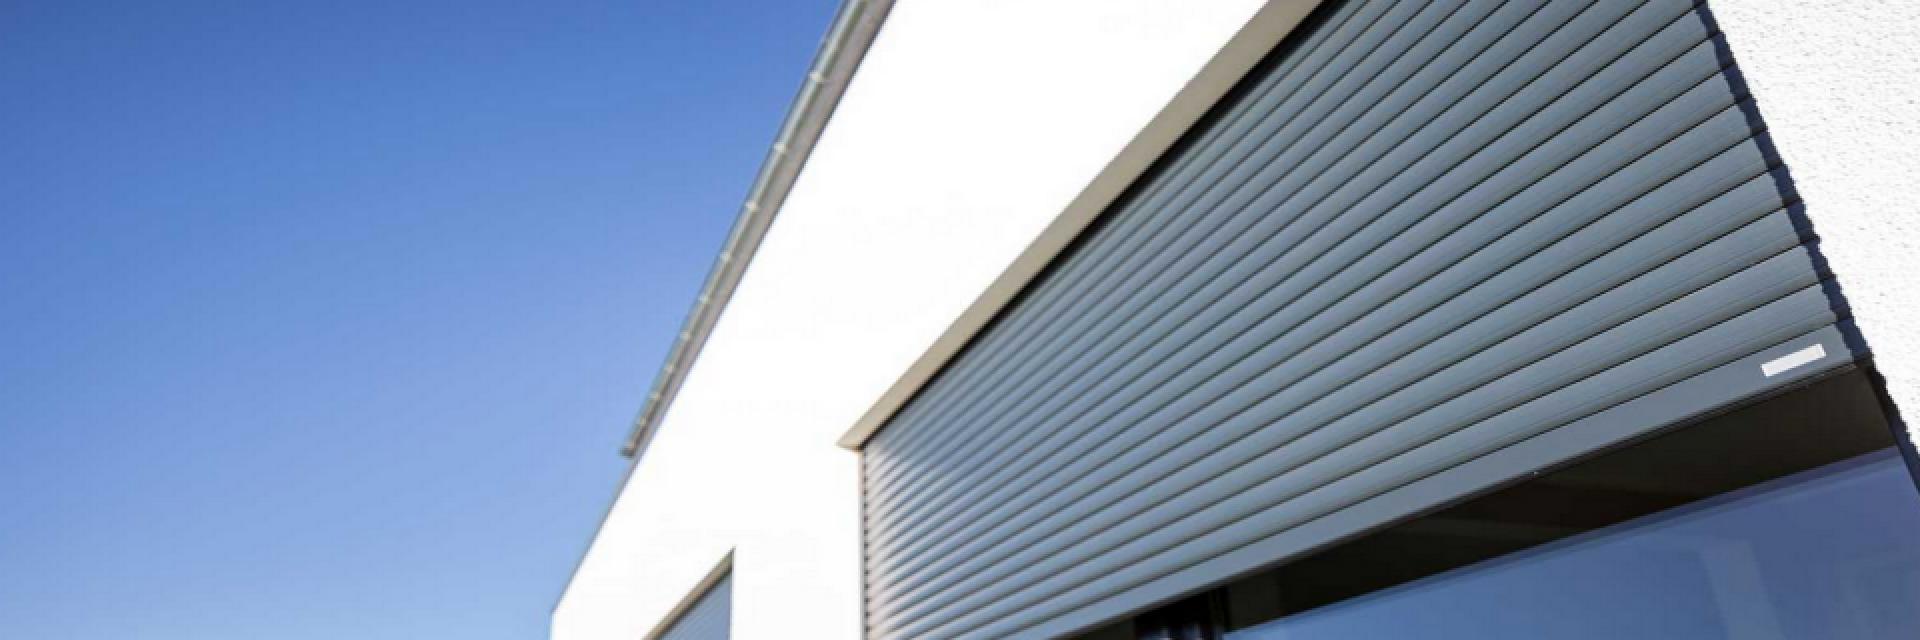 persianas de aluminio Reus para viviendas